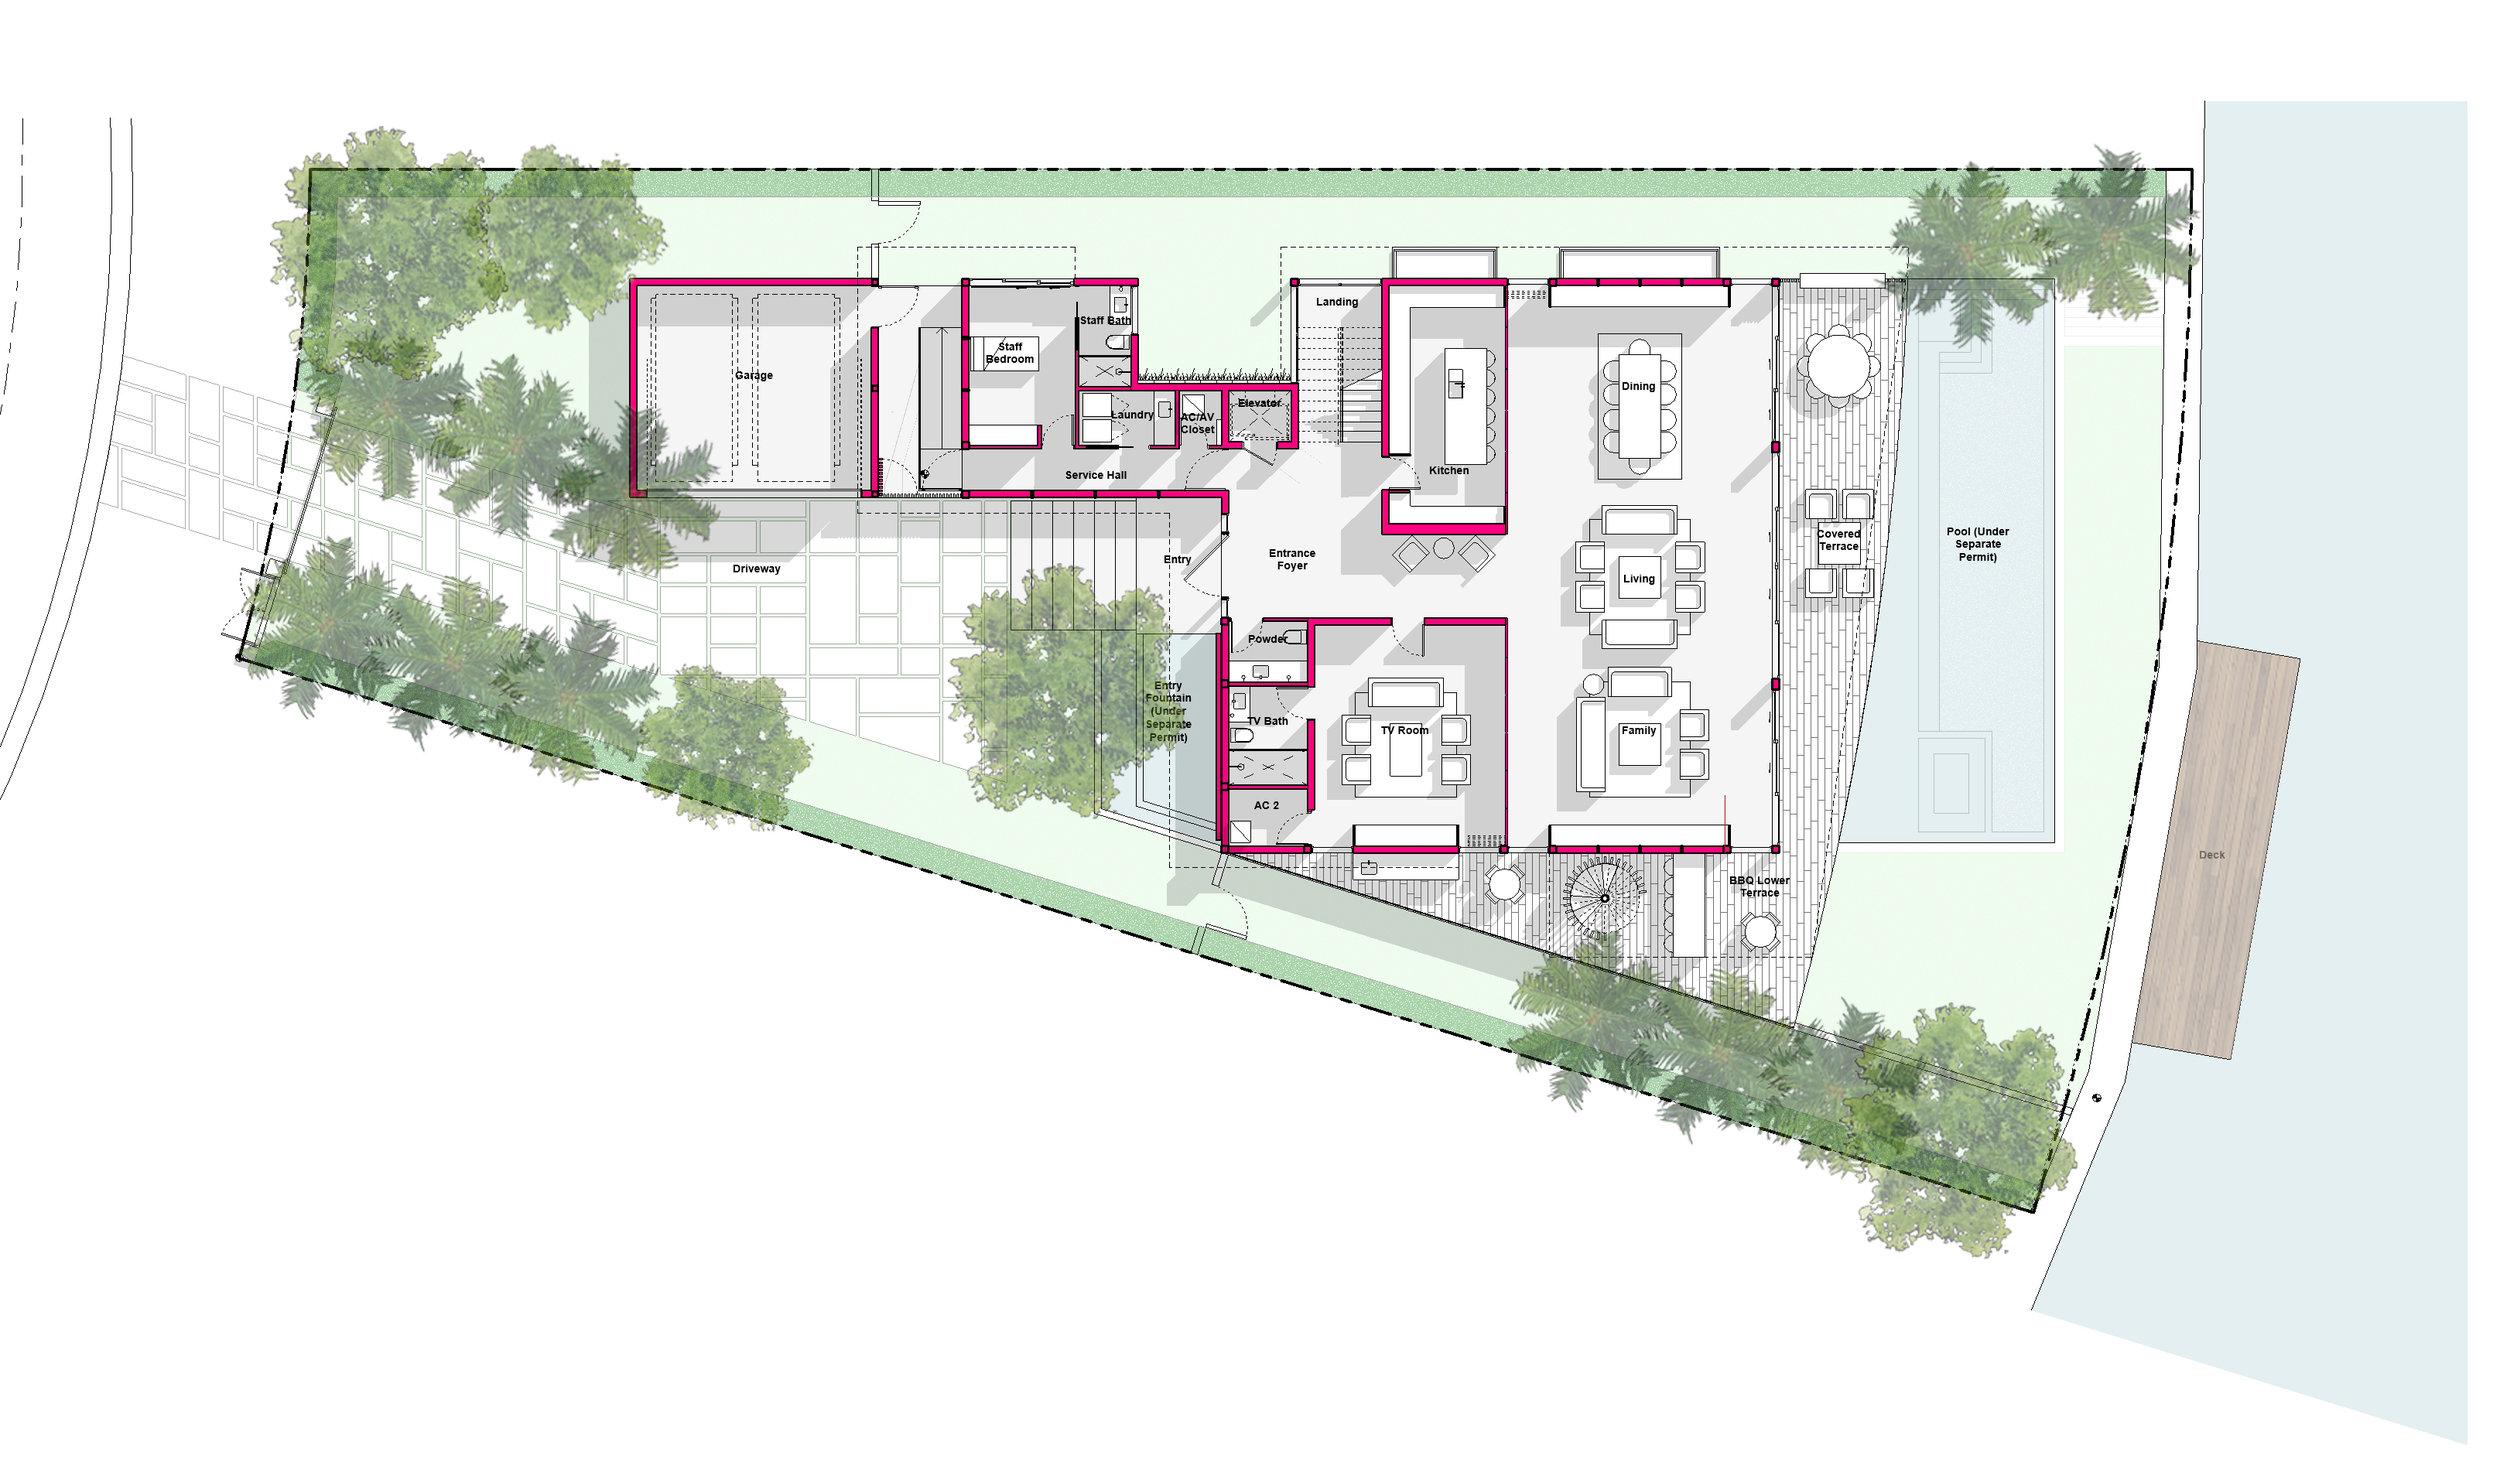 SAN MARINO - Sheet - X0 - Site Plan.jpg